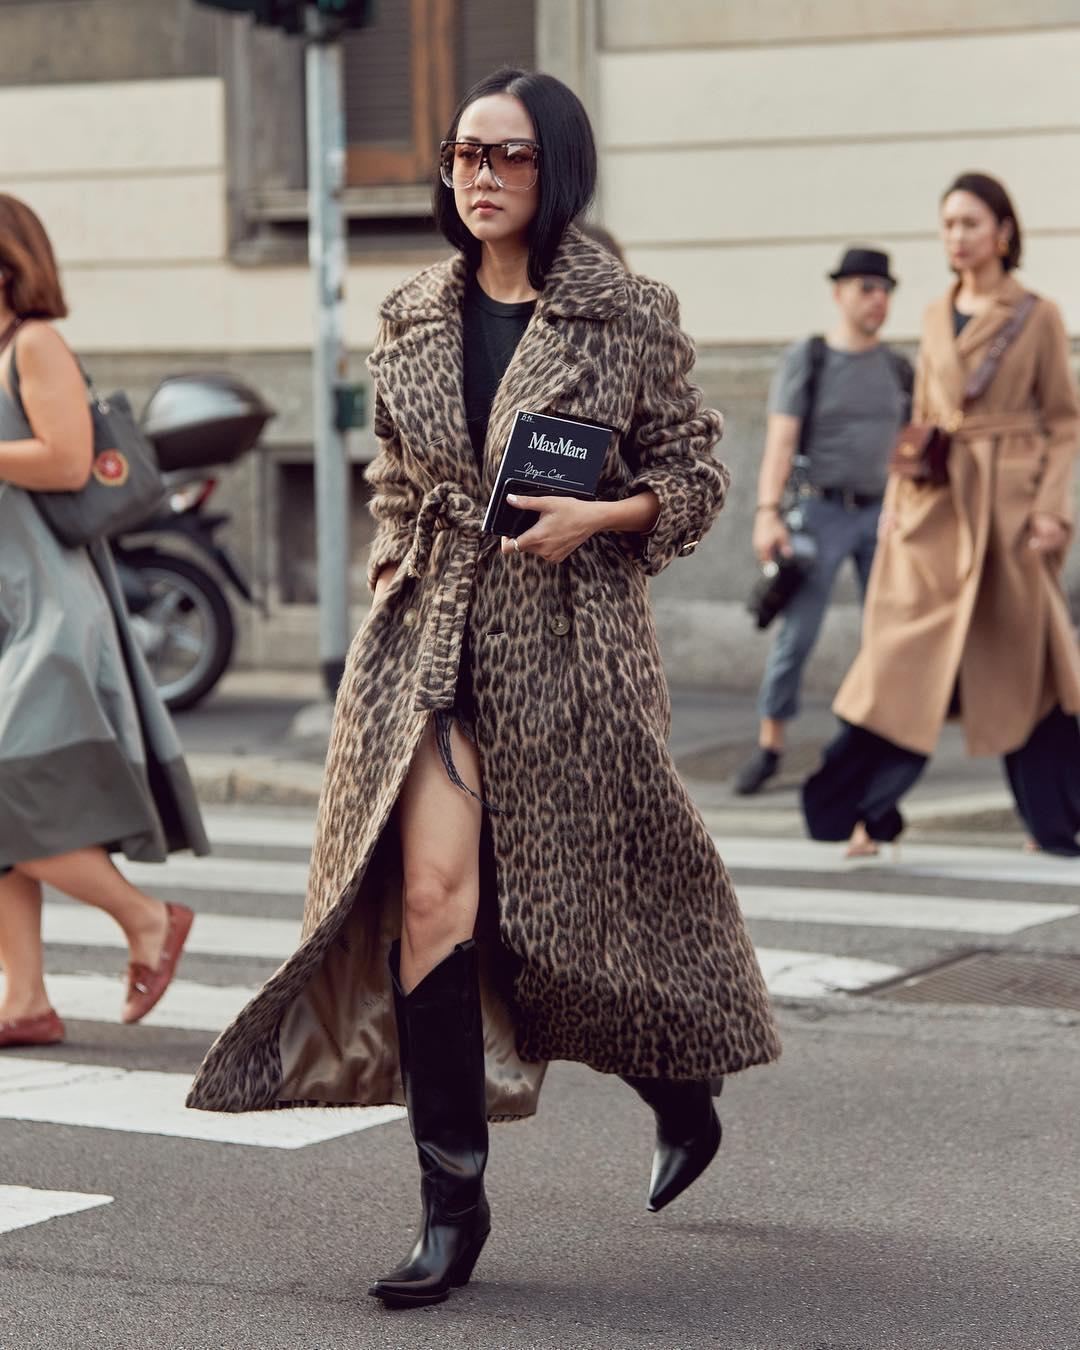 肉肉女冬天這樣穿!掌握4大搭配關鍵,不只顯瘦還能穿得時髦又保暖